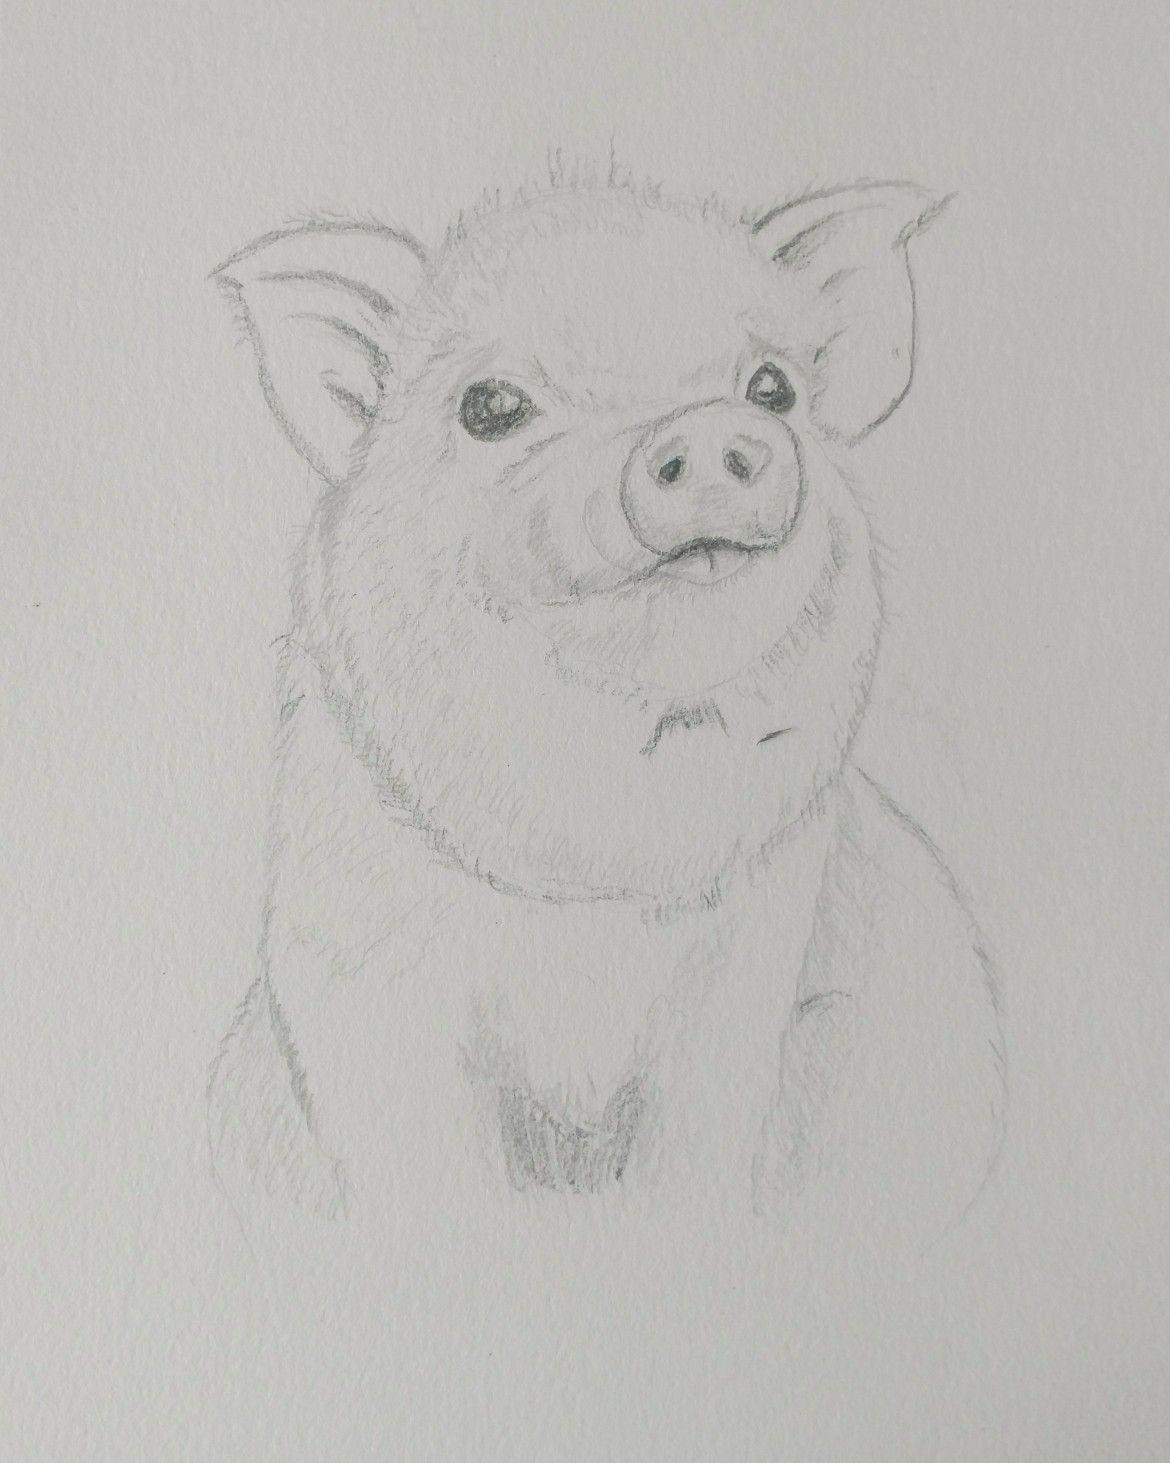 Baby Pig  Pencil In My Sketchbook